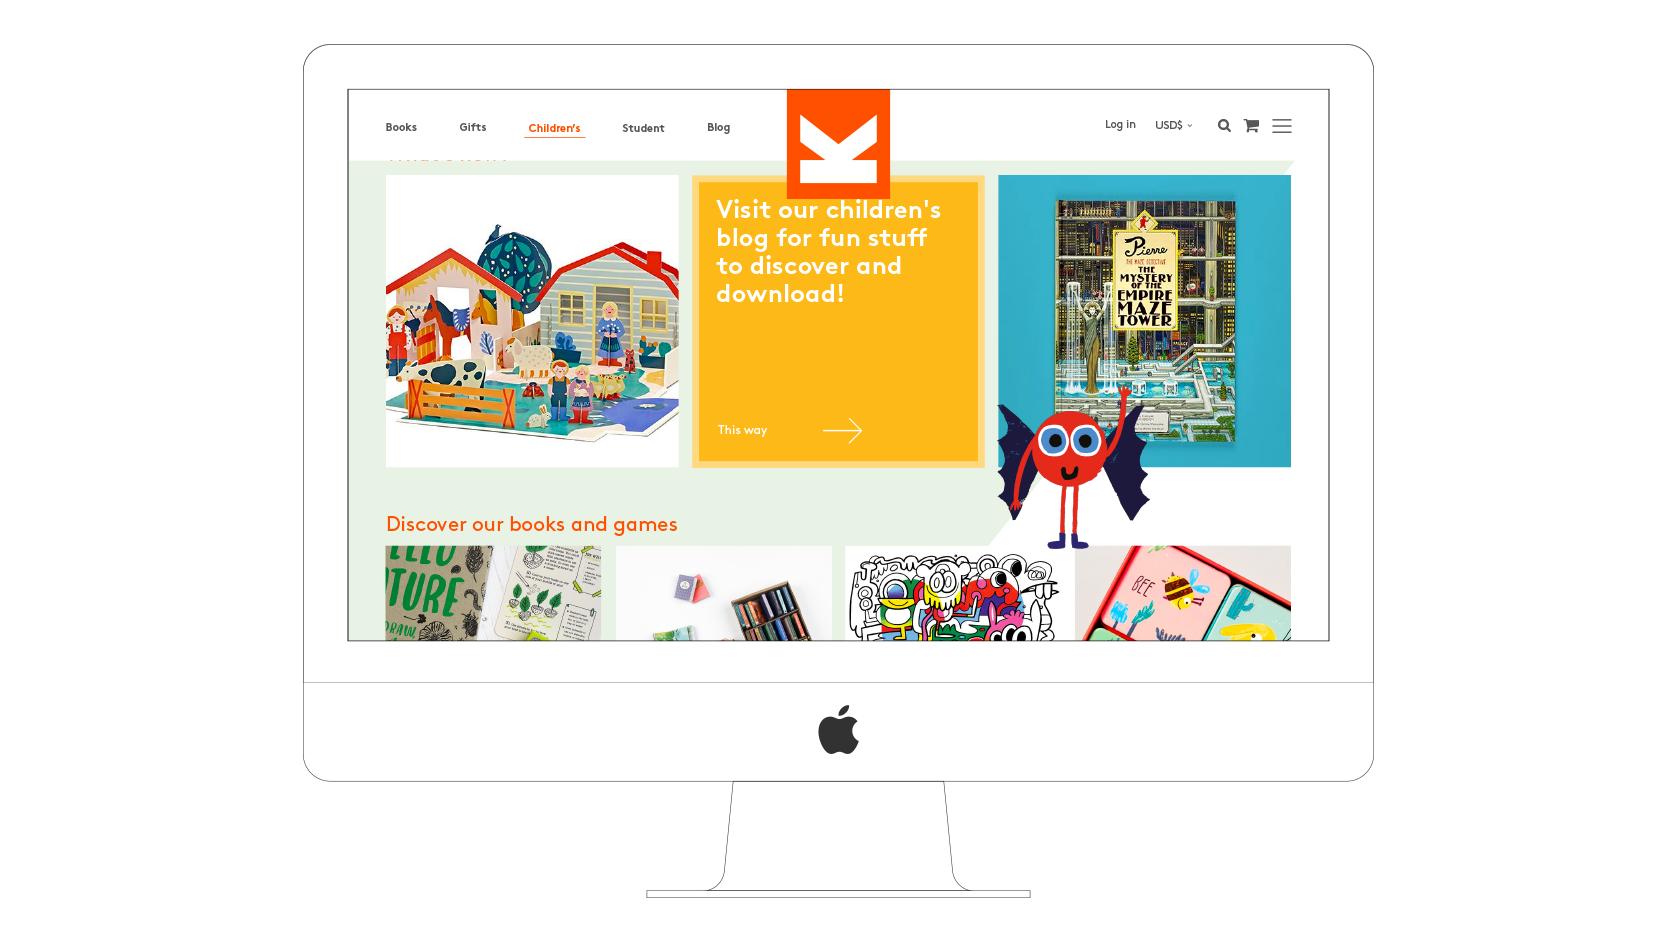 Laurence King website desktop visual Childrens section